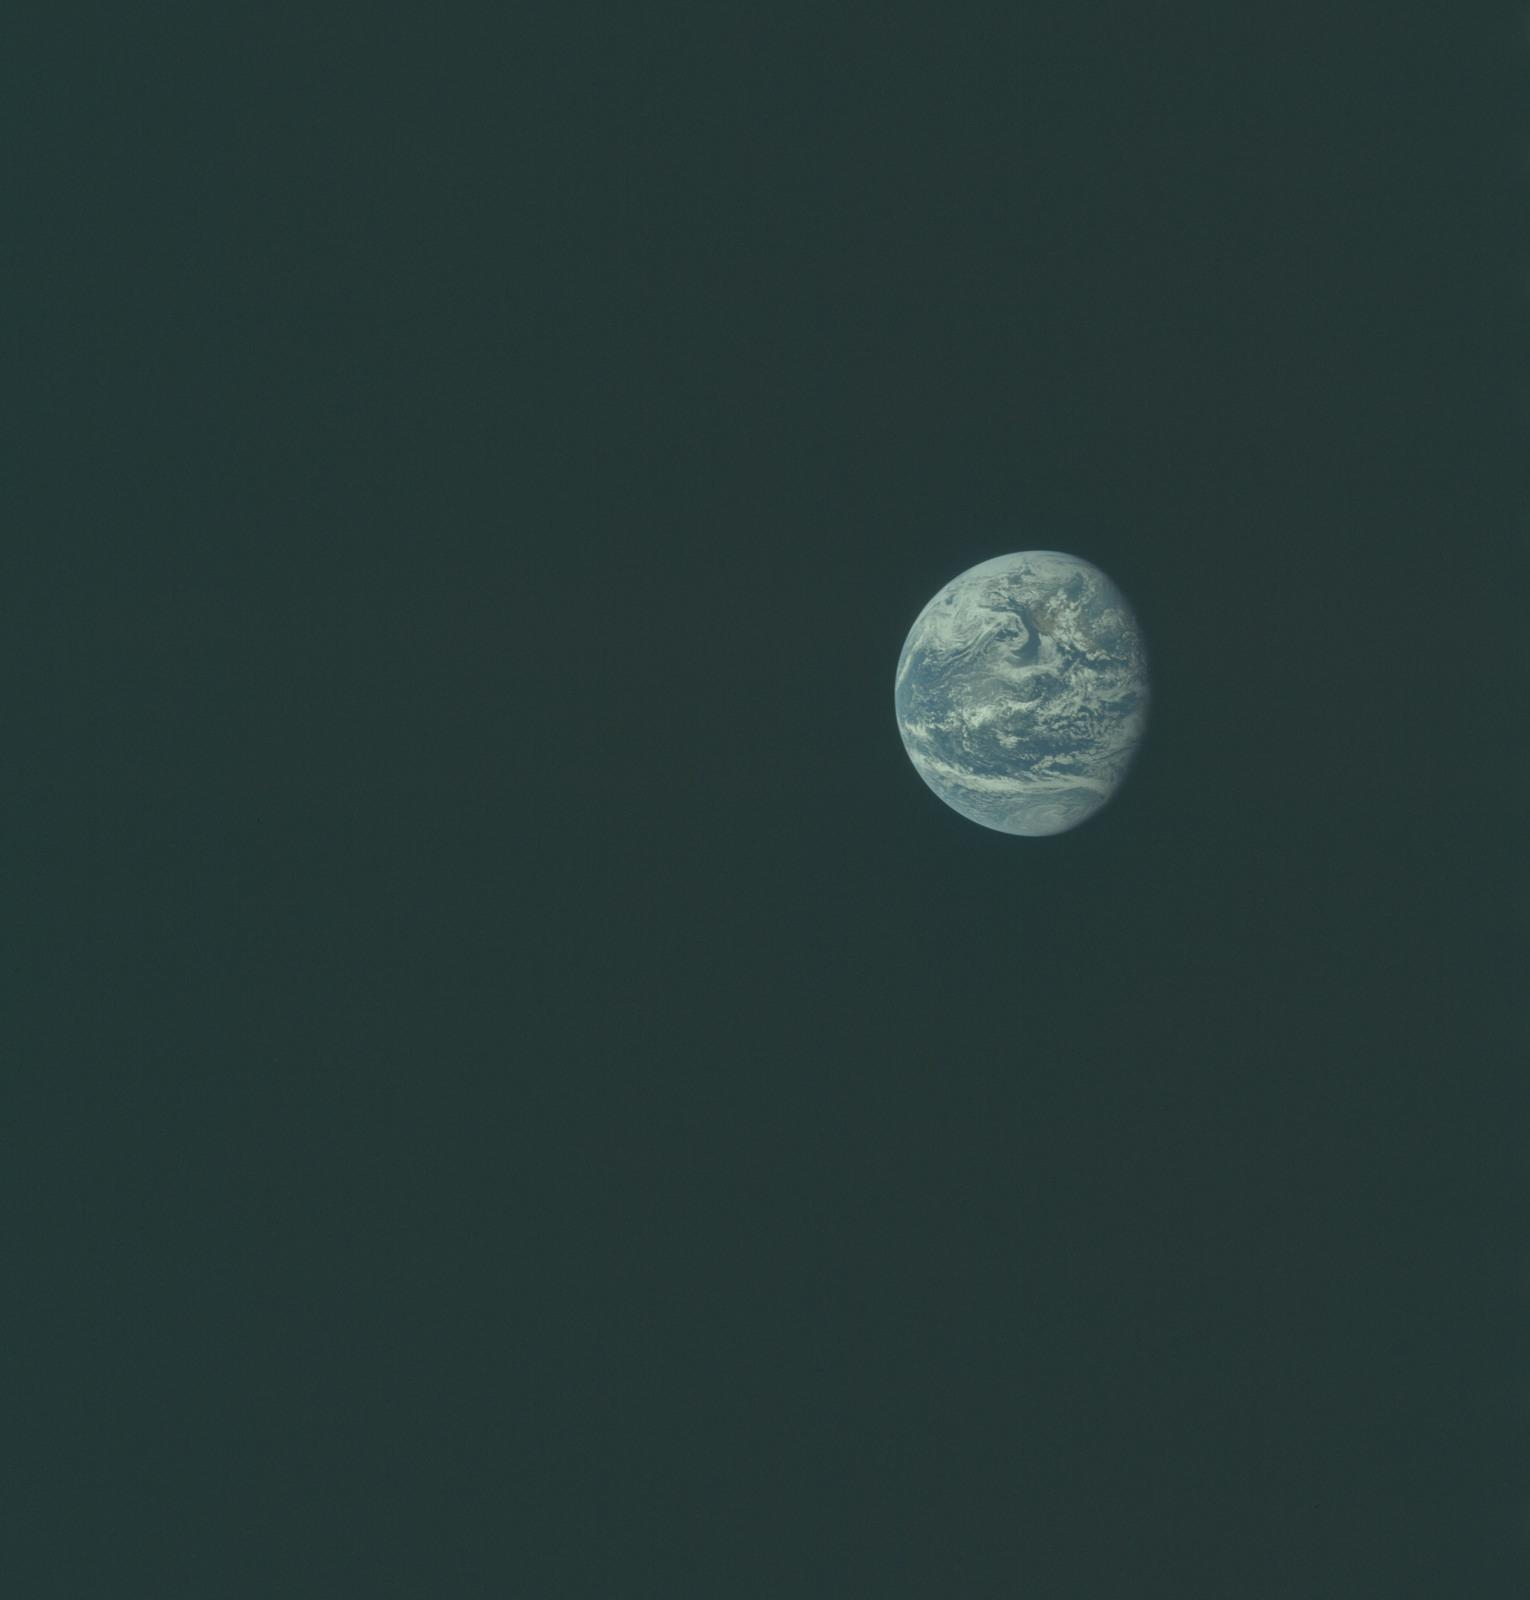 AS11-36-5332 - Apollo 11 - Apollo 11 Mission image - Earth view